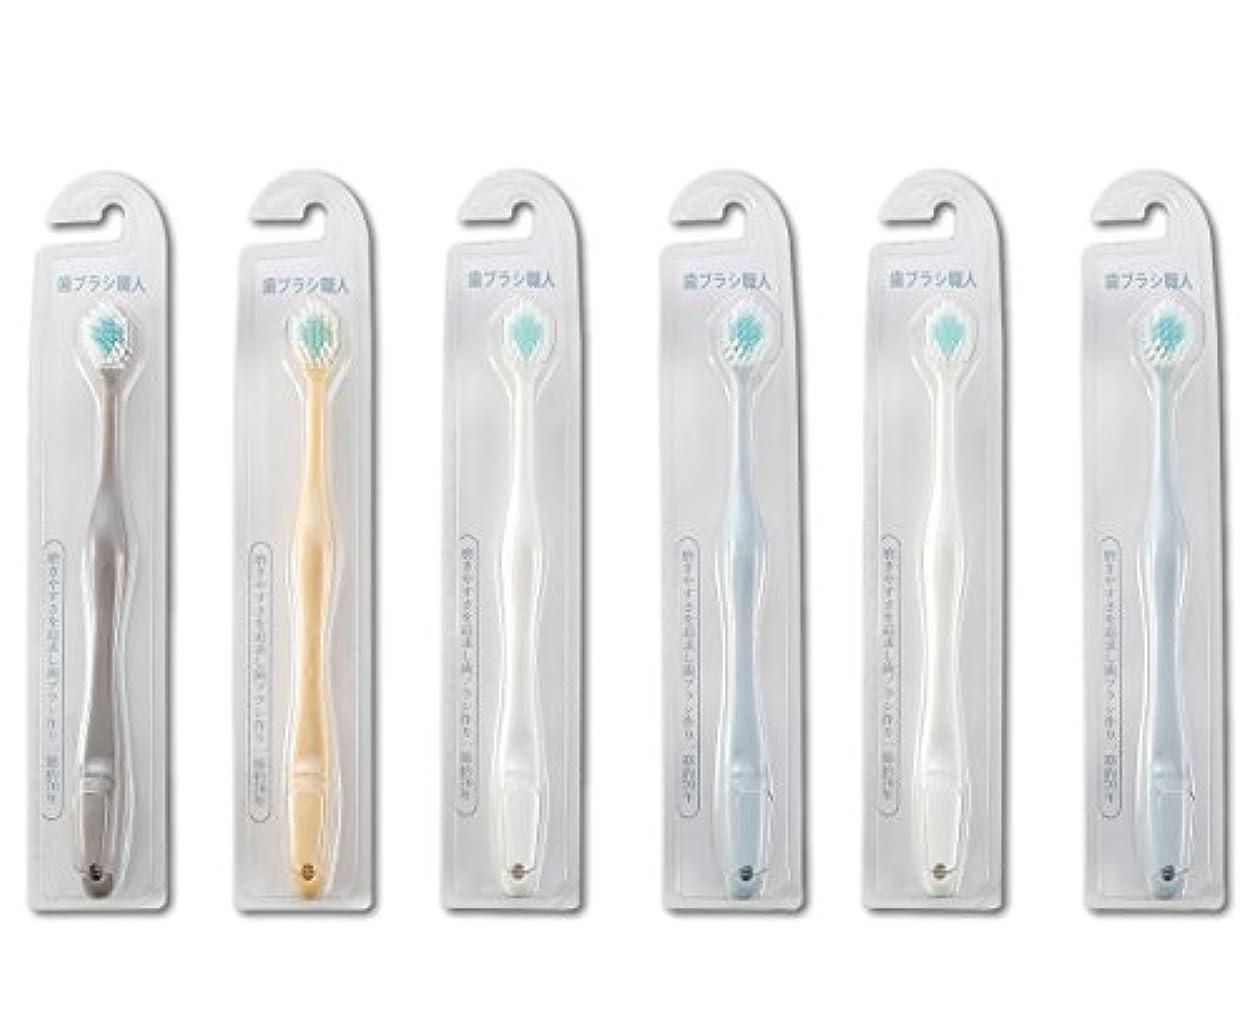 歯ブラシ職人Artooth ® 田辺重吉 磨きやすい歯ブラシ ワイド 6列レギュラー AT-30 (6本組)